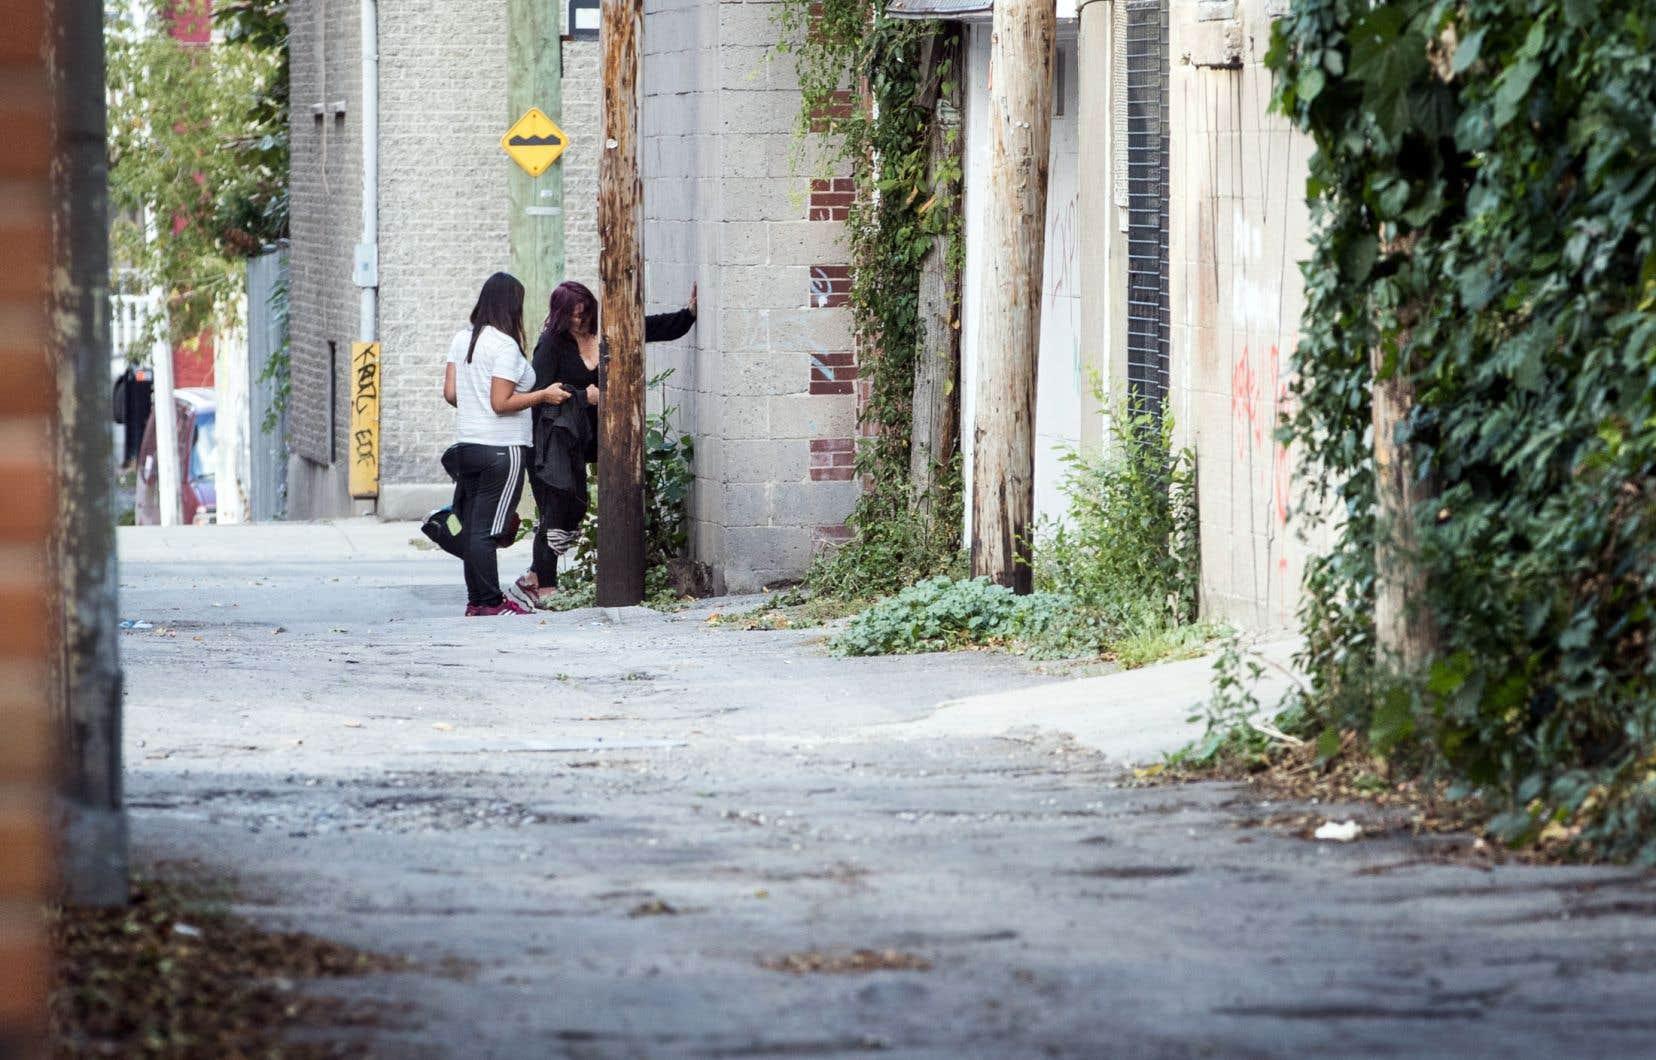 La majorité des surdoses ont eu lieu dans la circonscription de Sainte-Marie–Saint-Jacques, dans le centre-ville de Montréal.